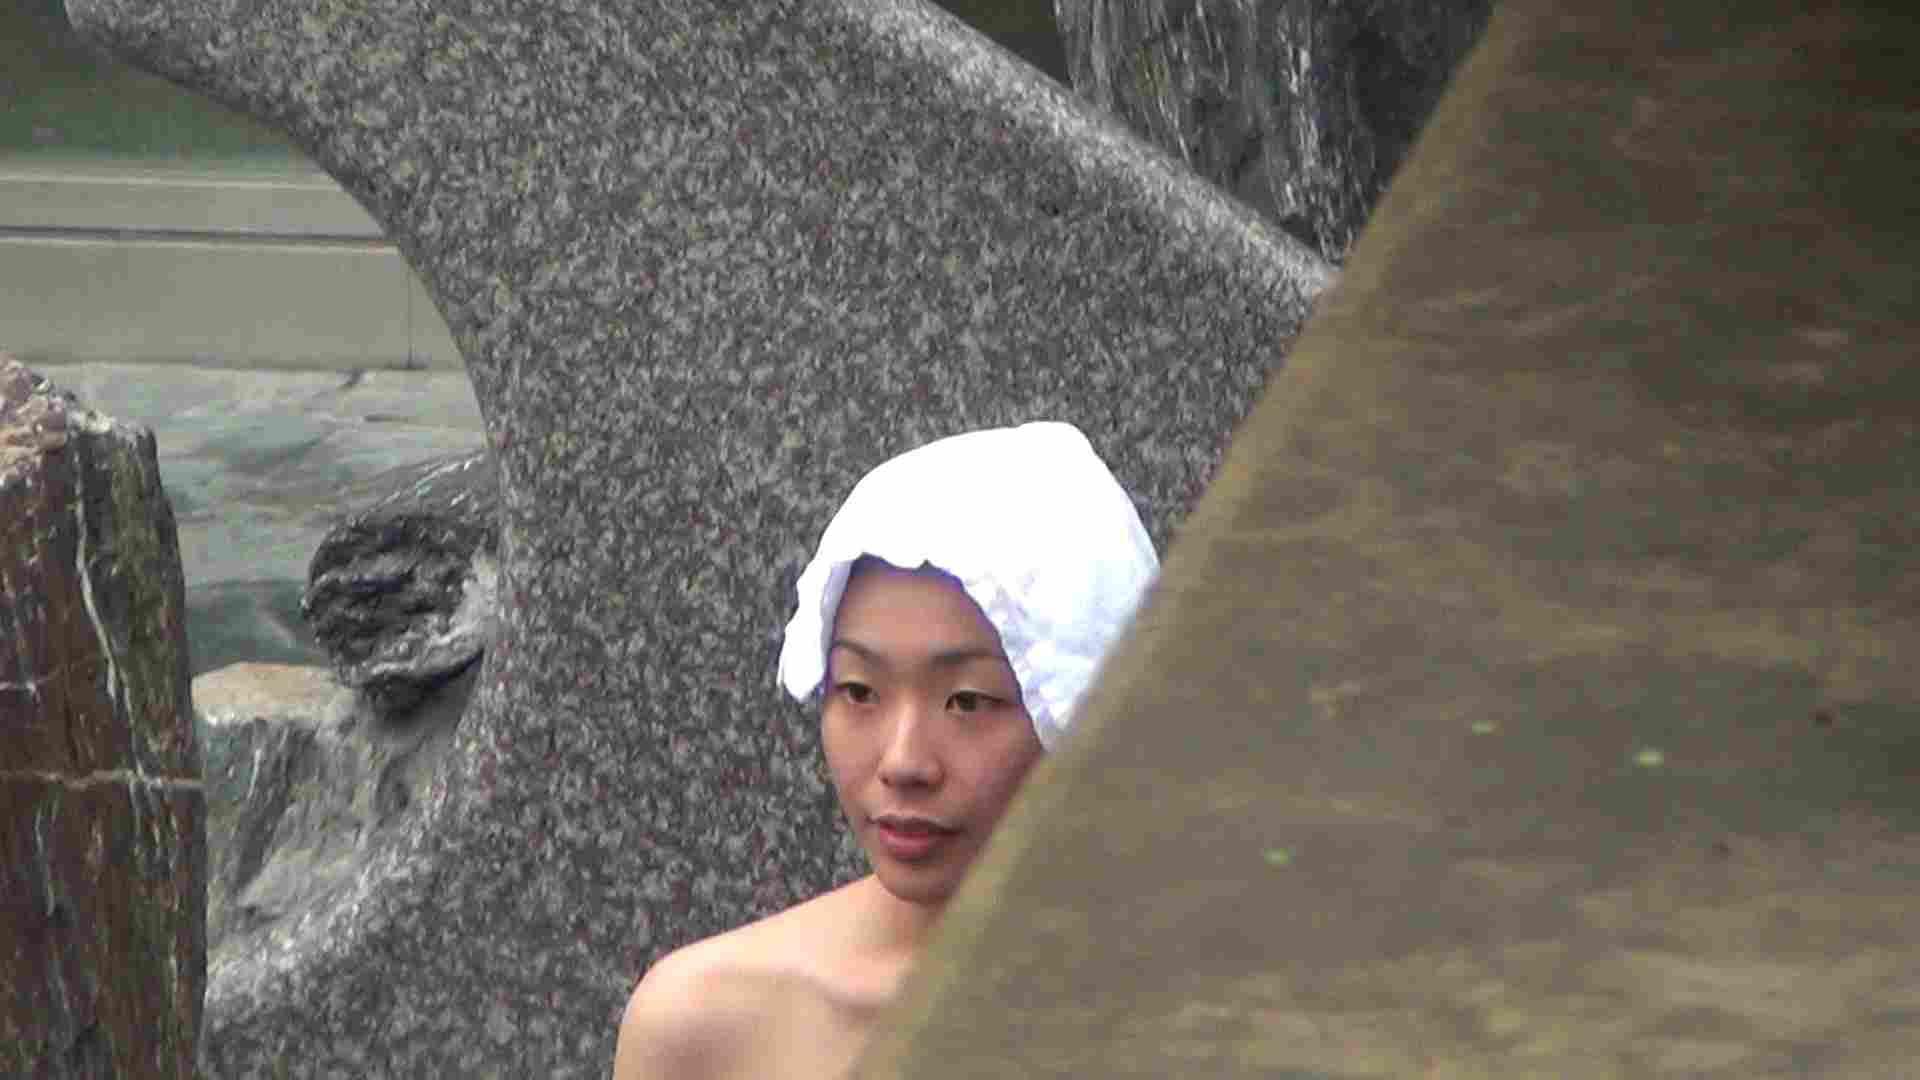 ハイビジョンVol.7 巨乳と細身の美乳 お好みで 巨乳 セックス画像 72pic 33